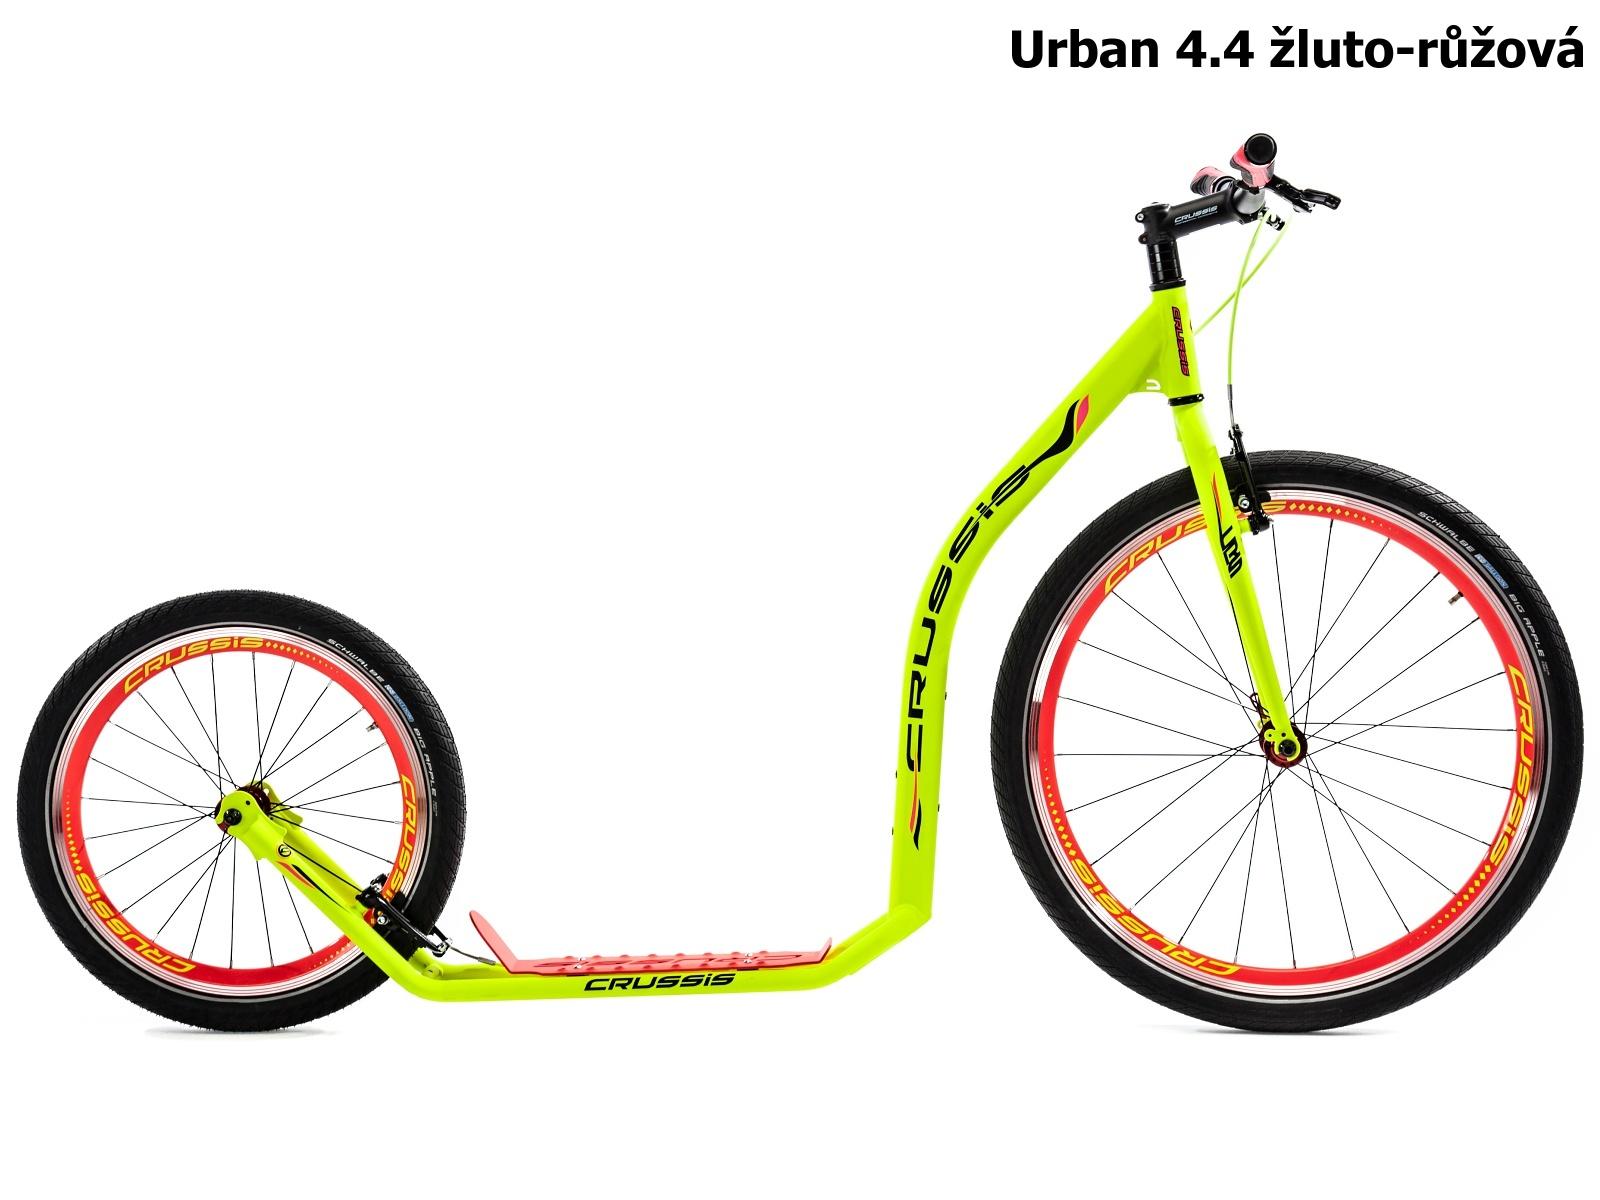 Koloběžka CRUSSIS Urban 4.4 žluto-růžová